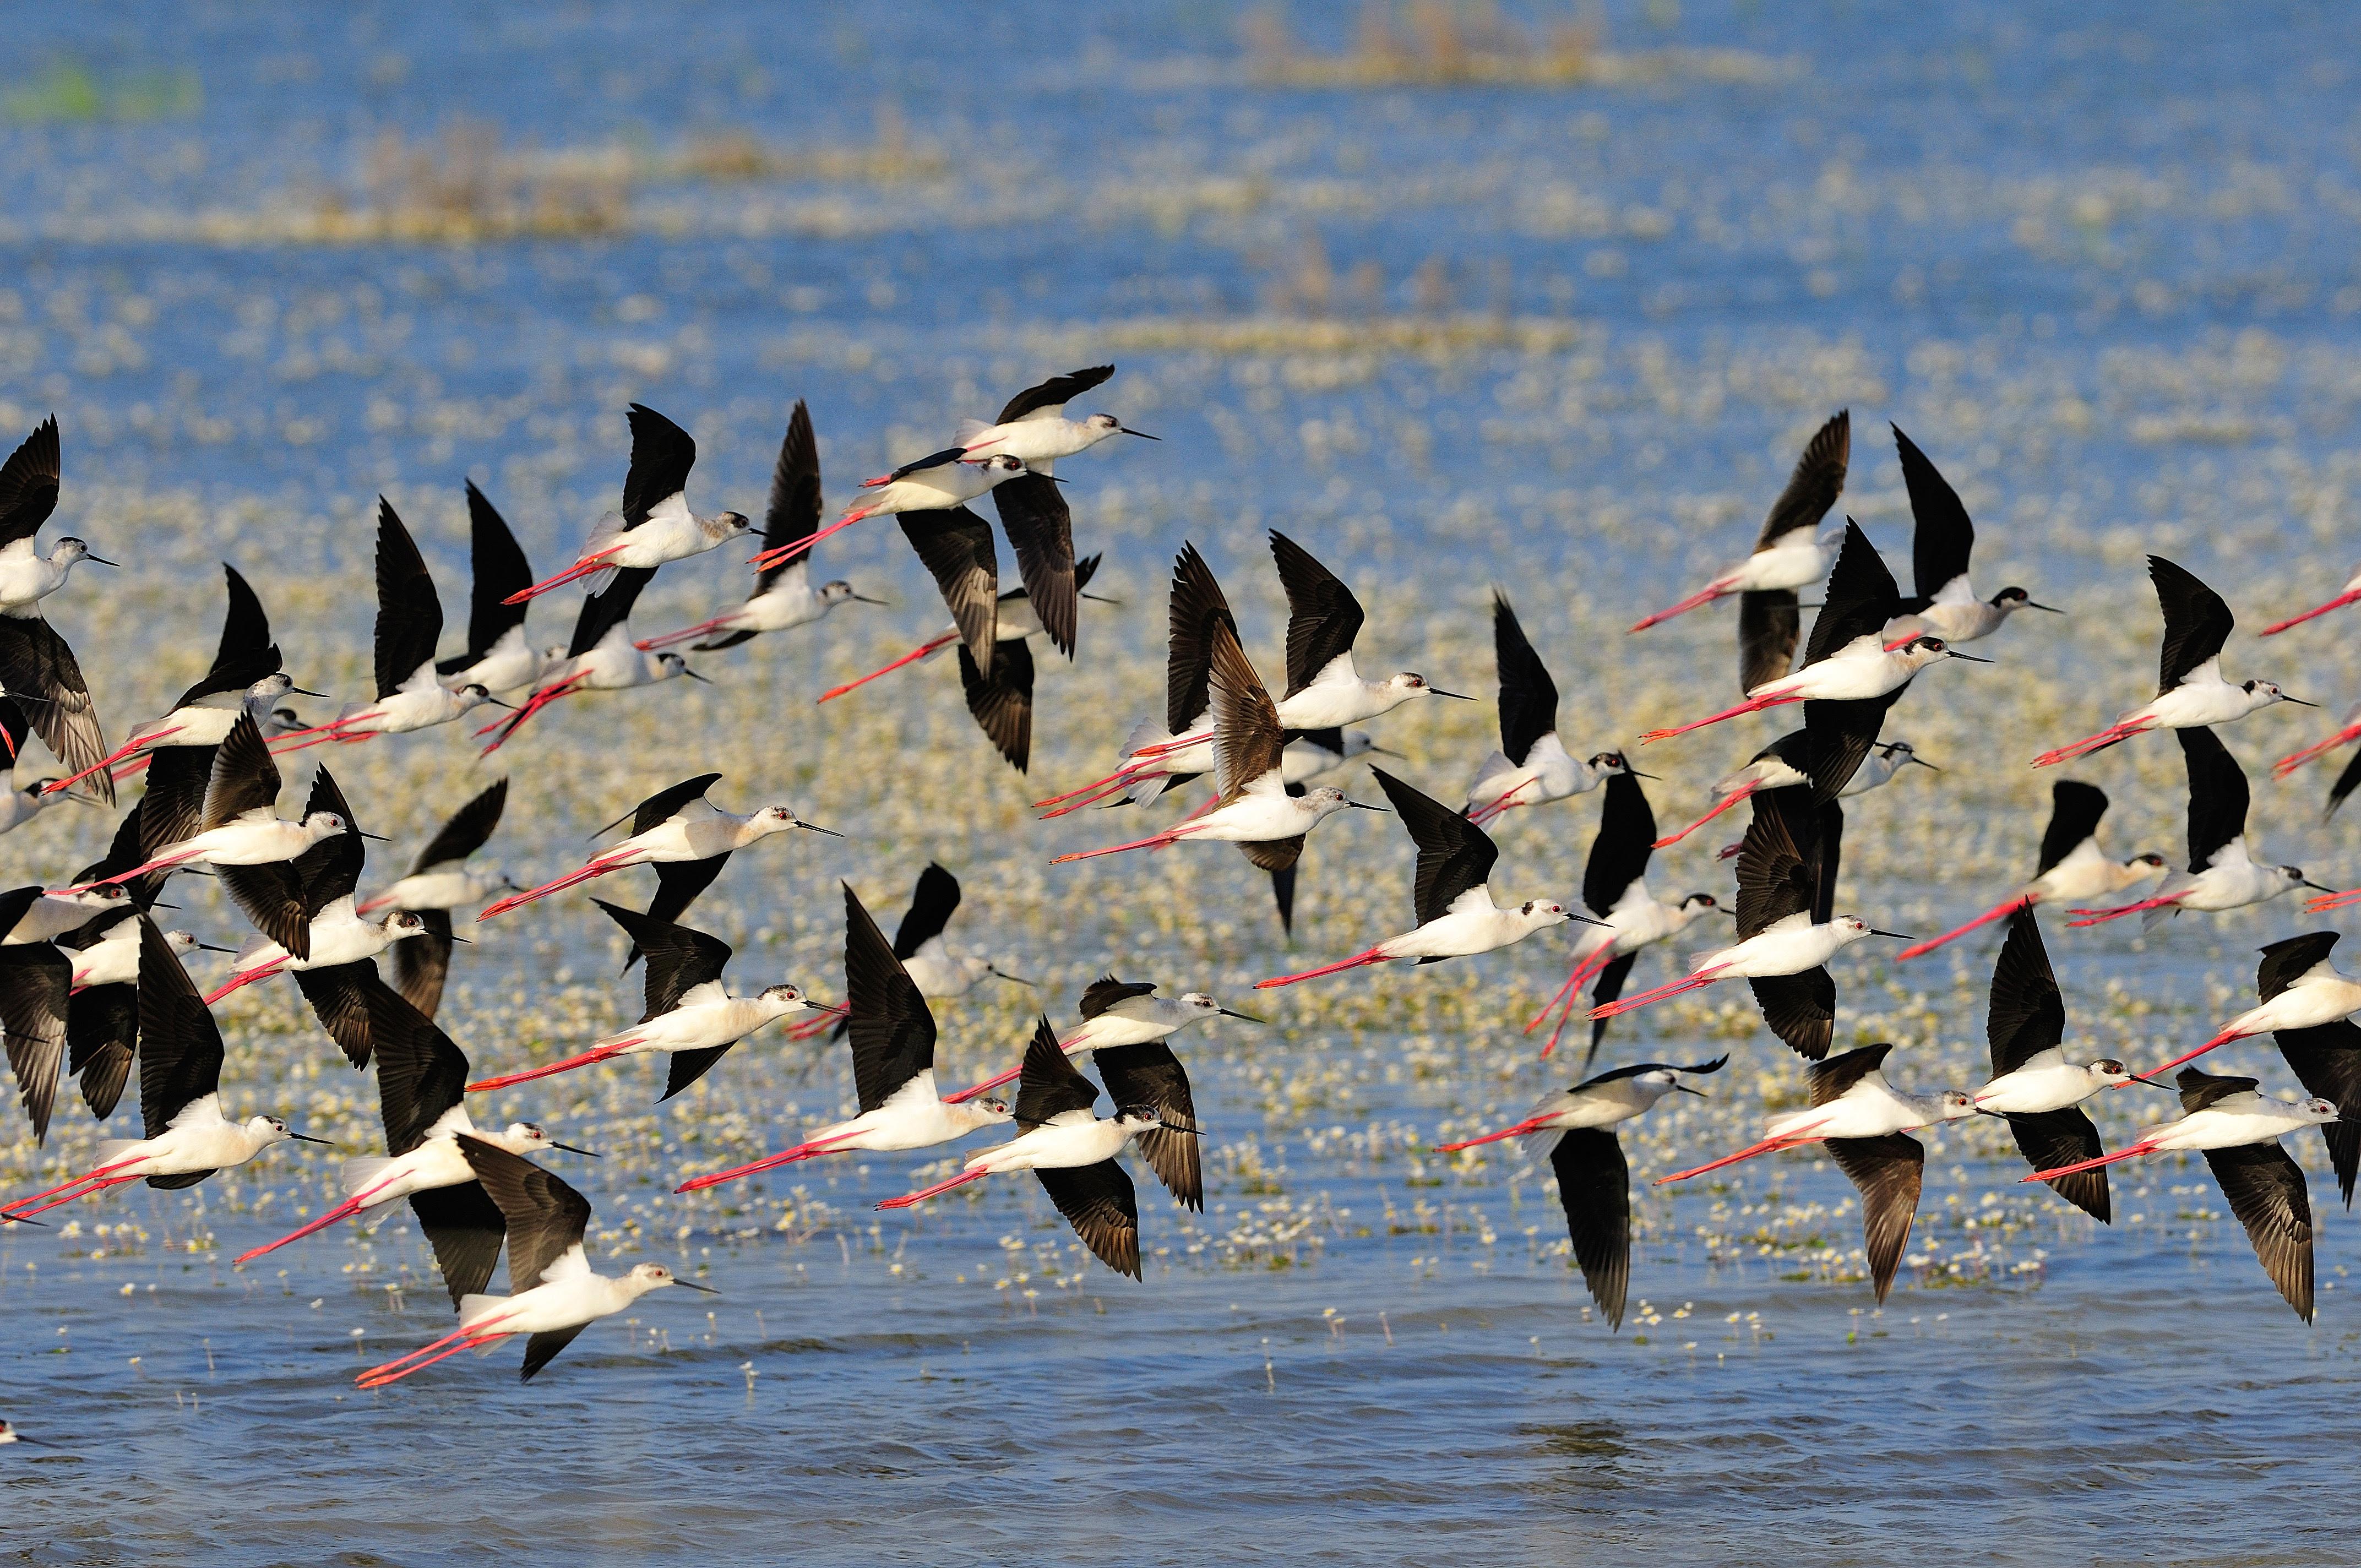 Cigüeñuelas en las marismas de Doñana. Imagen: WWF